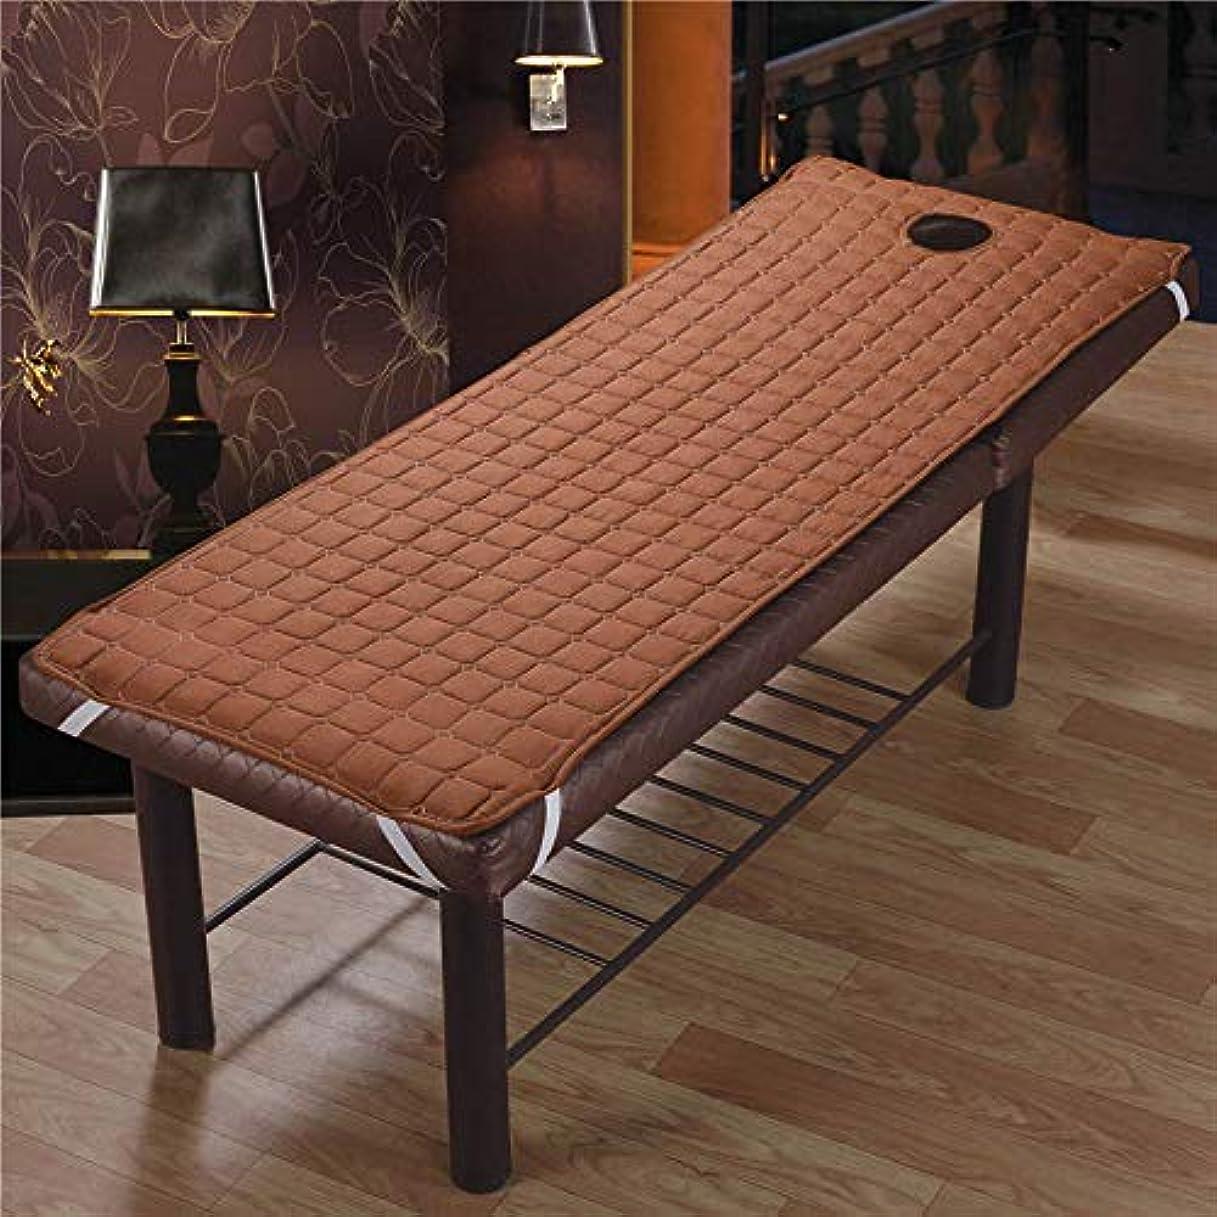 椅子鉄道読みやすさCoolTack  美容院のマッサージ療法のベッドのための滑り止めのSoliod色の長方形のマットレス